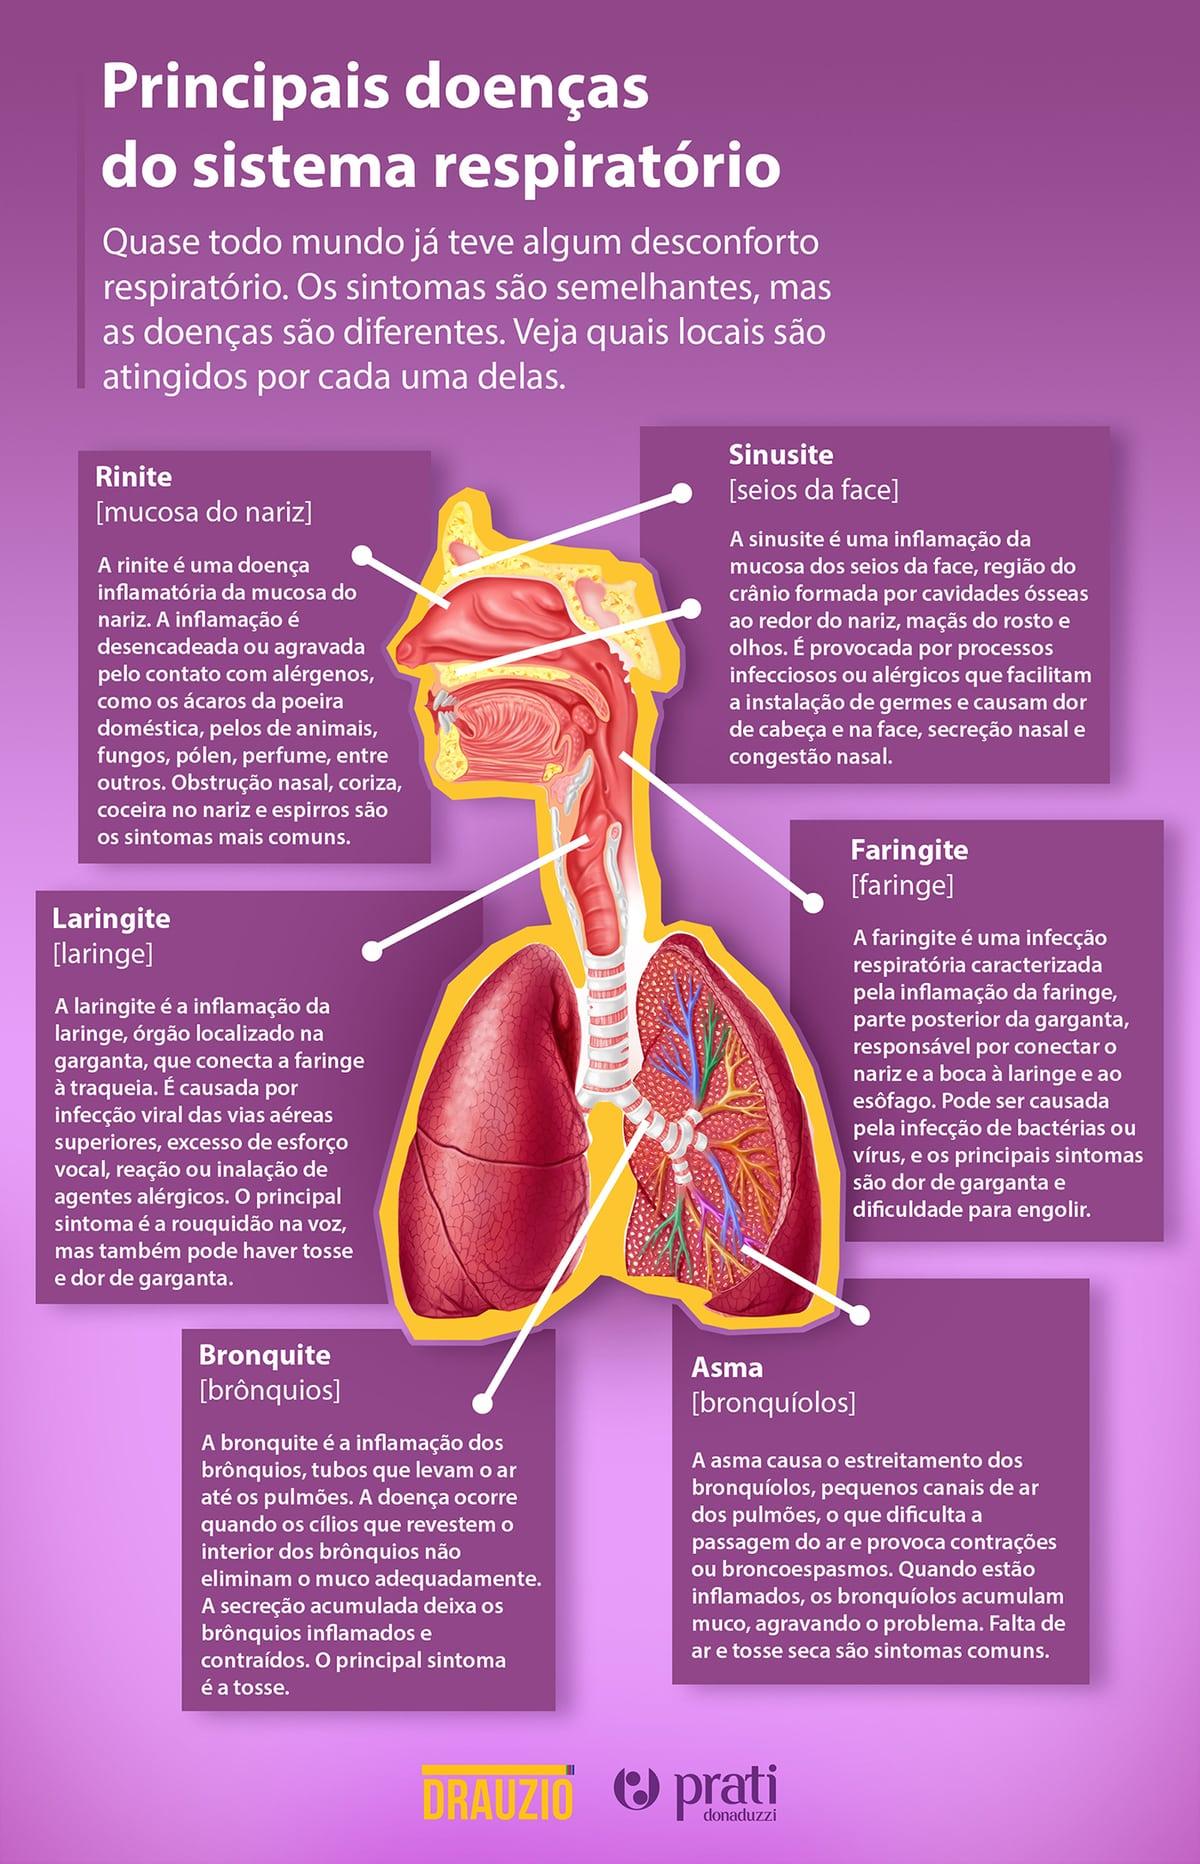 Principais doenças respiratórias | Infográfico